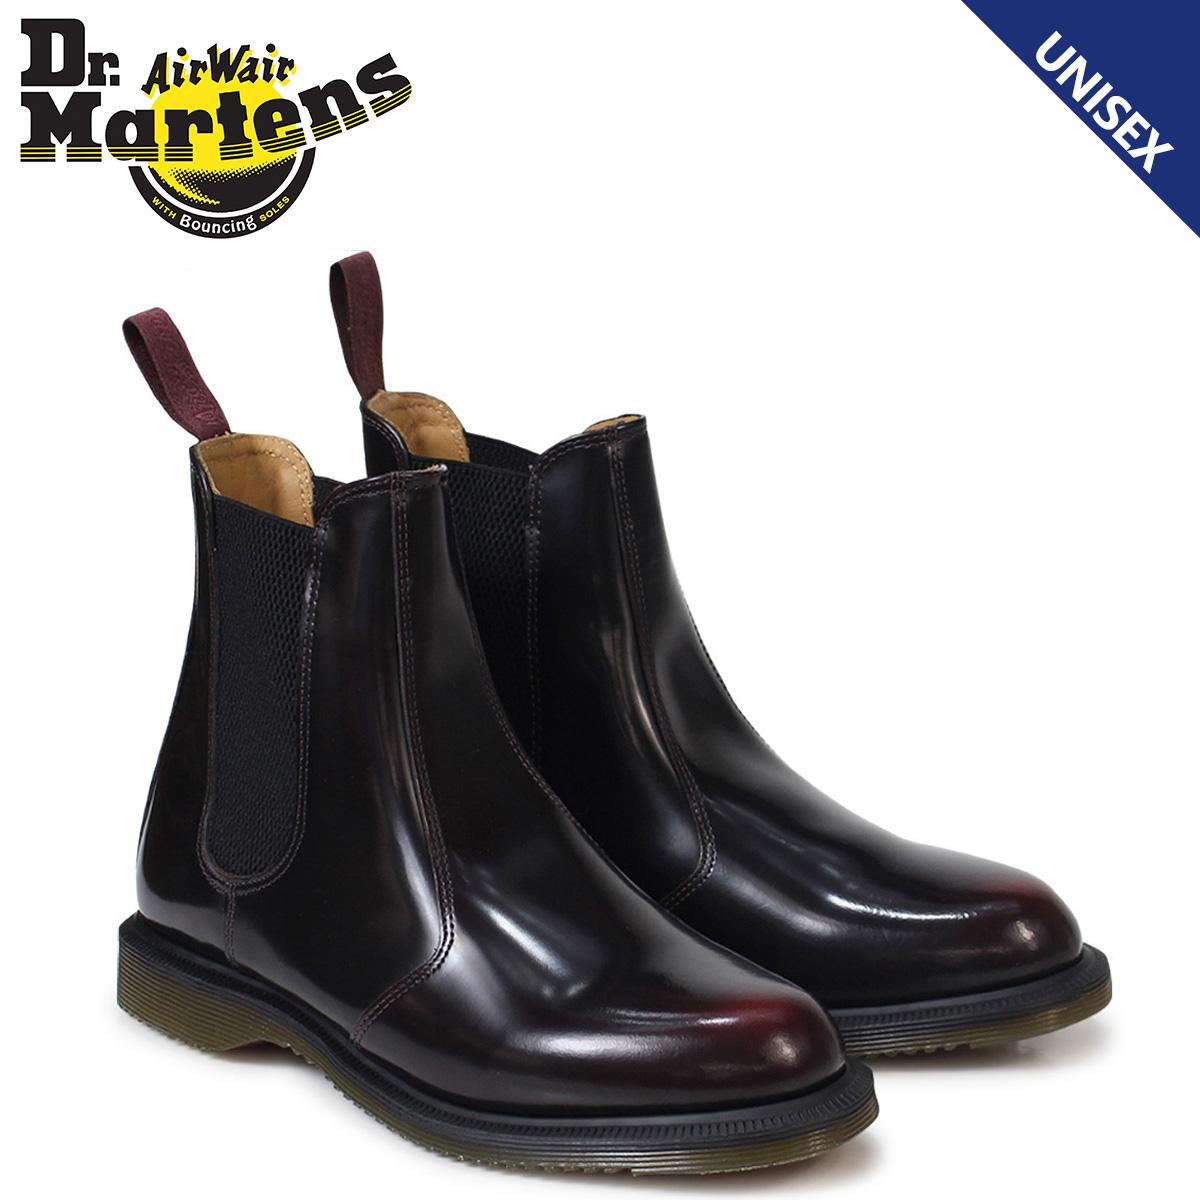 ドクターマーチン Dr.Martens サイドゴア メンズ レディース ブーツ チェルシーブーツ FLORA CHELSEA BOOT R14650601